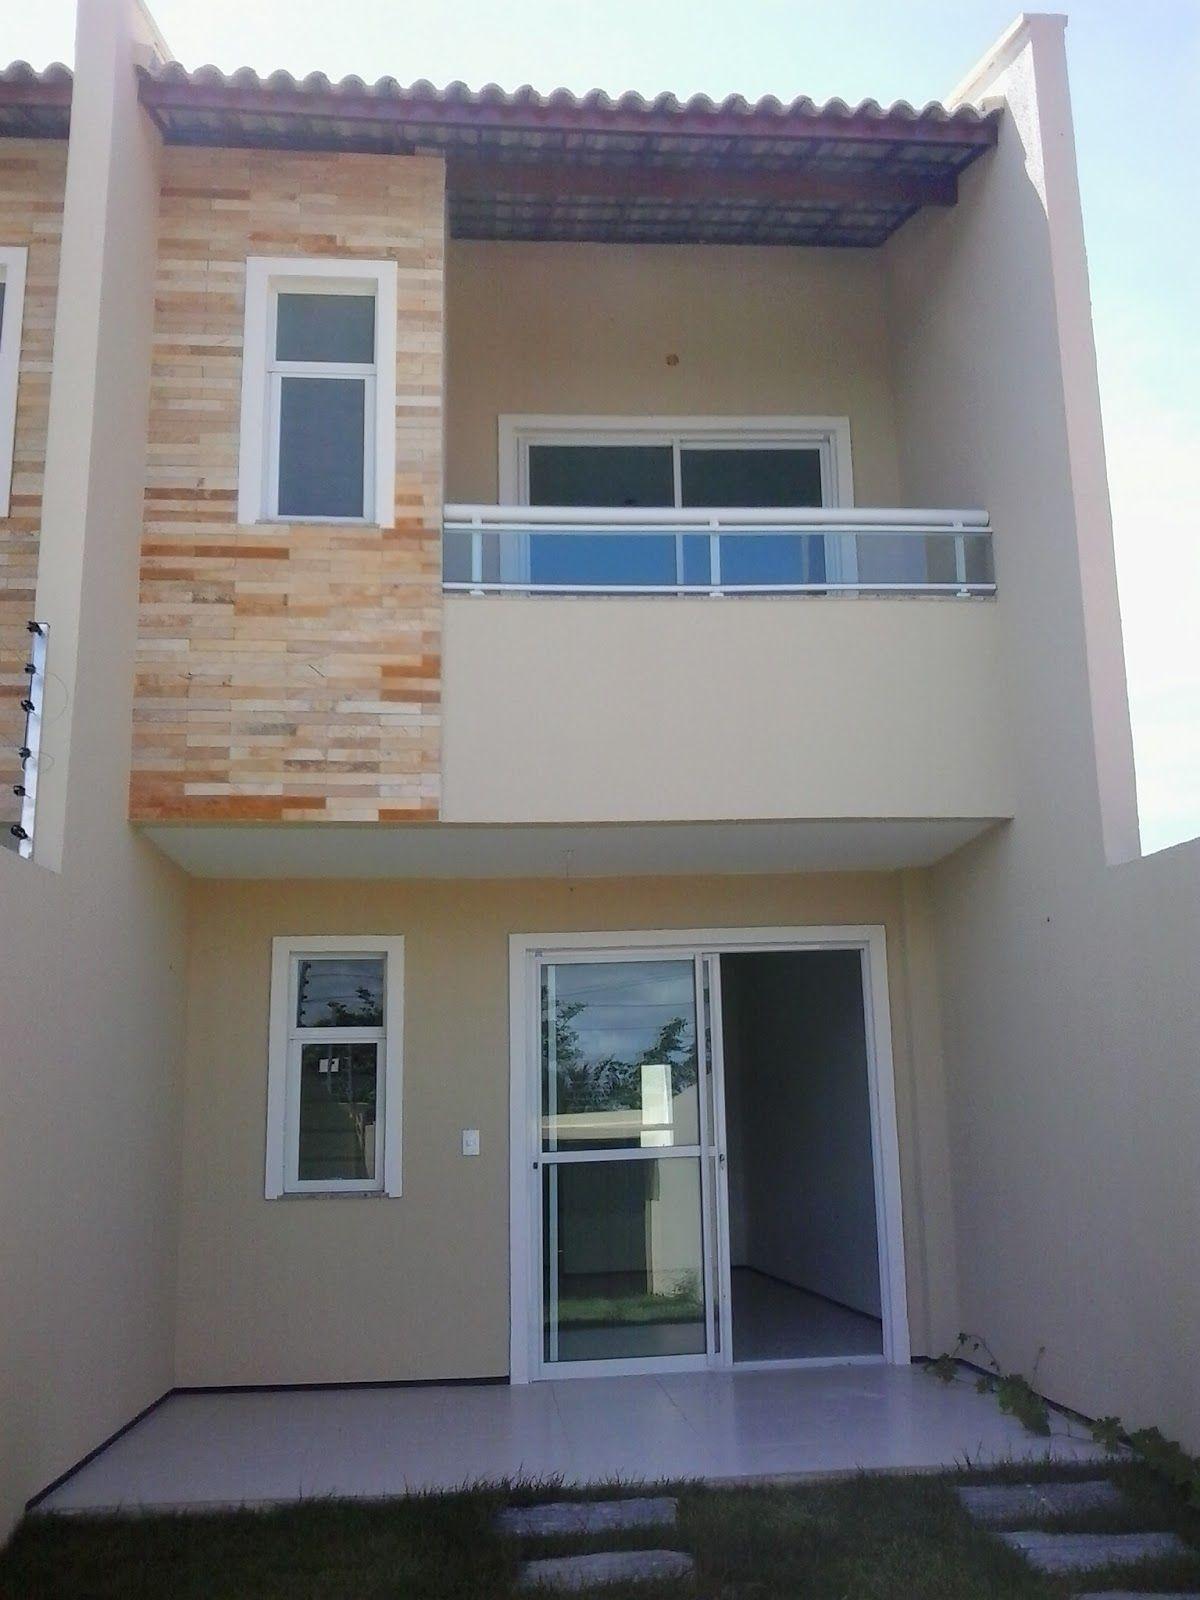 Fachadas de casas duplex pequenas 1 ideias para a casa for Fachadas casa modernas pequenas